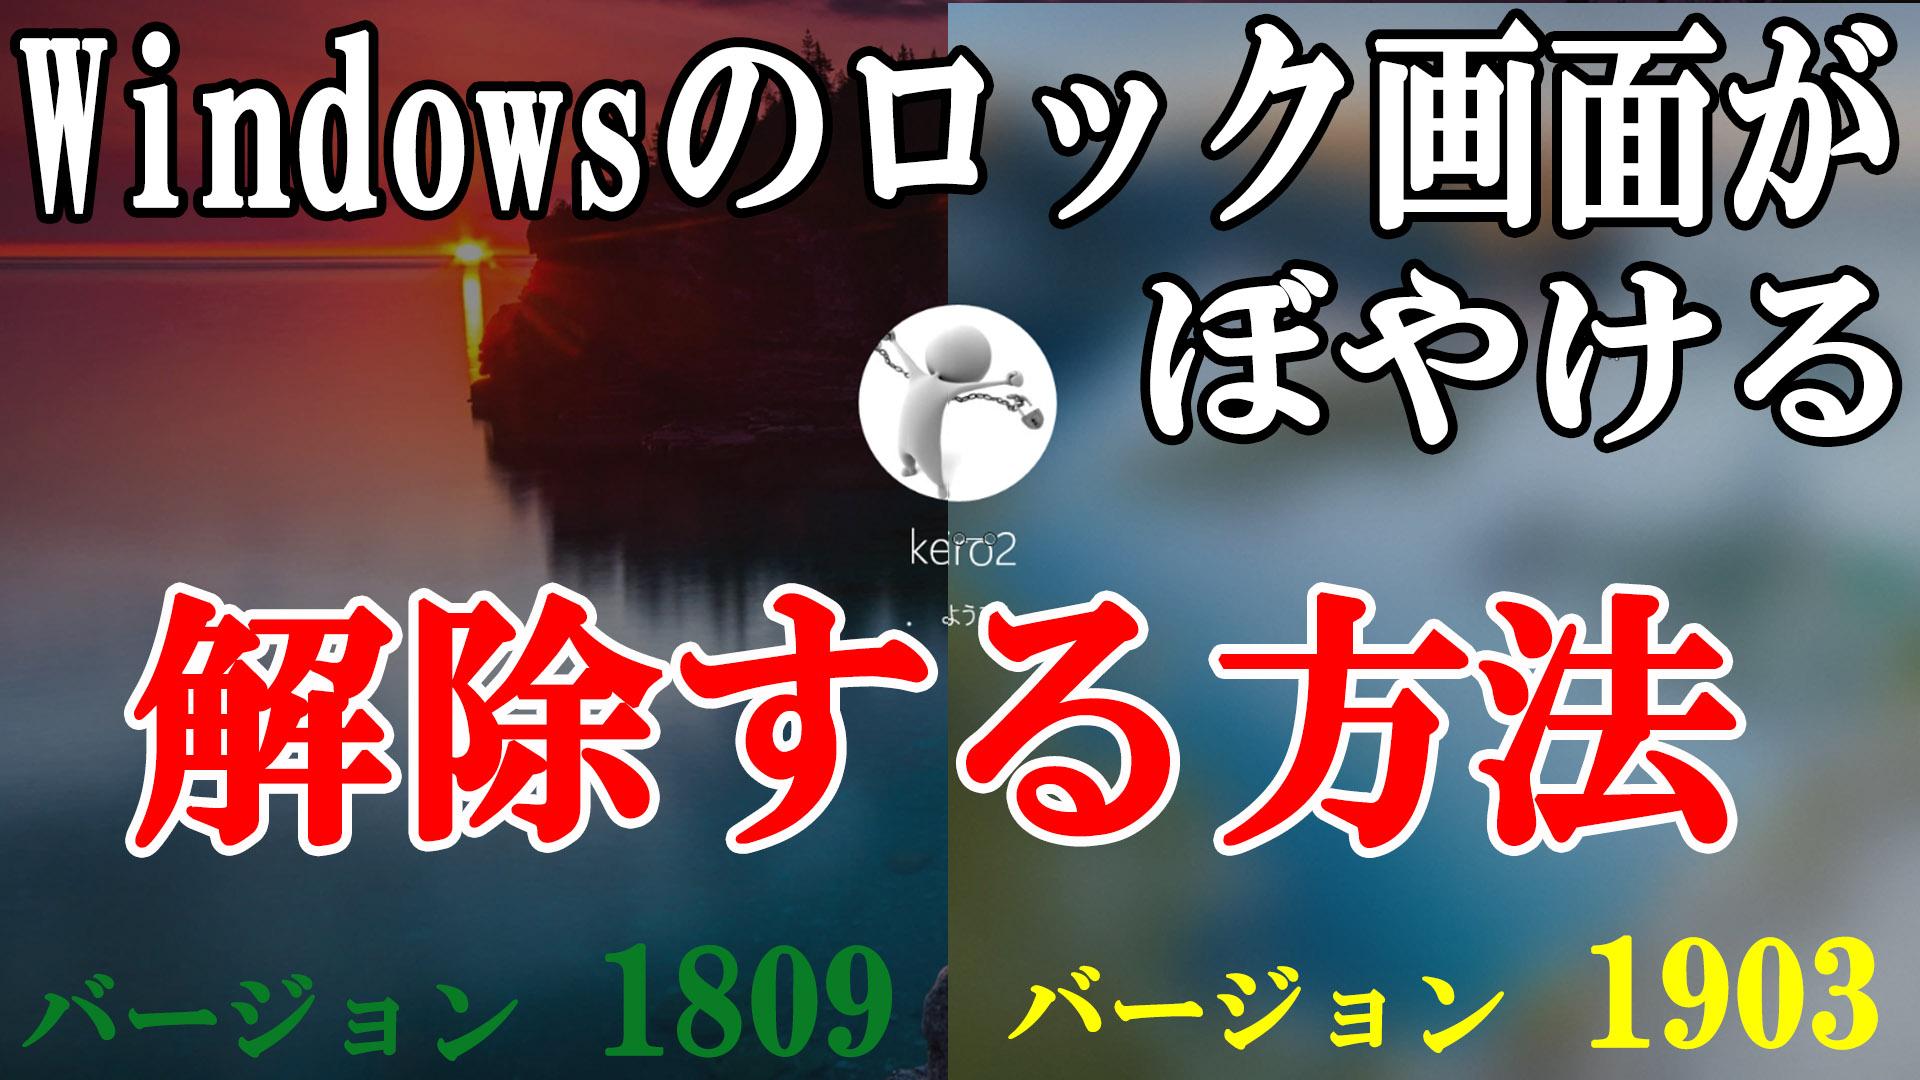 Windowsのロック画面の背景ぼやけるのを解除する方法 ケイローの日常